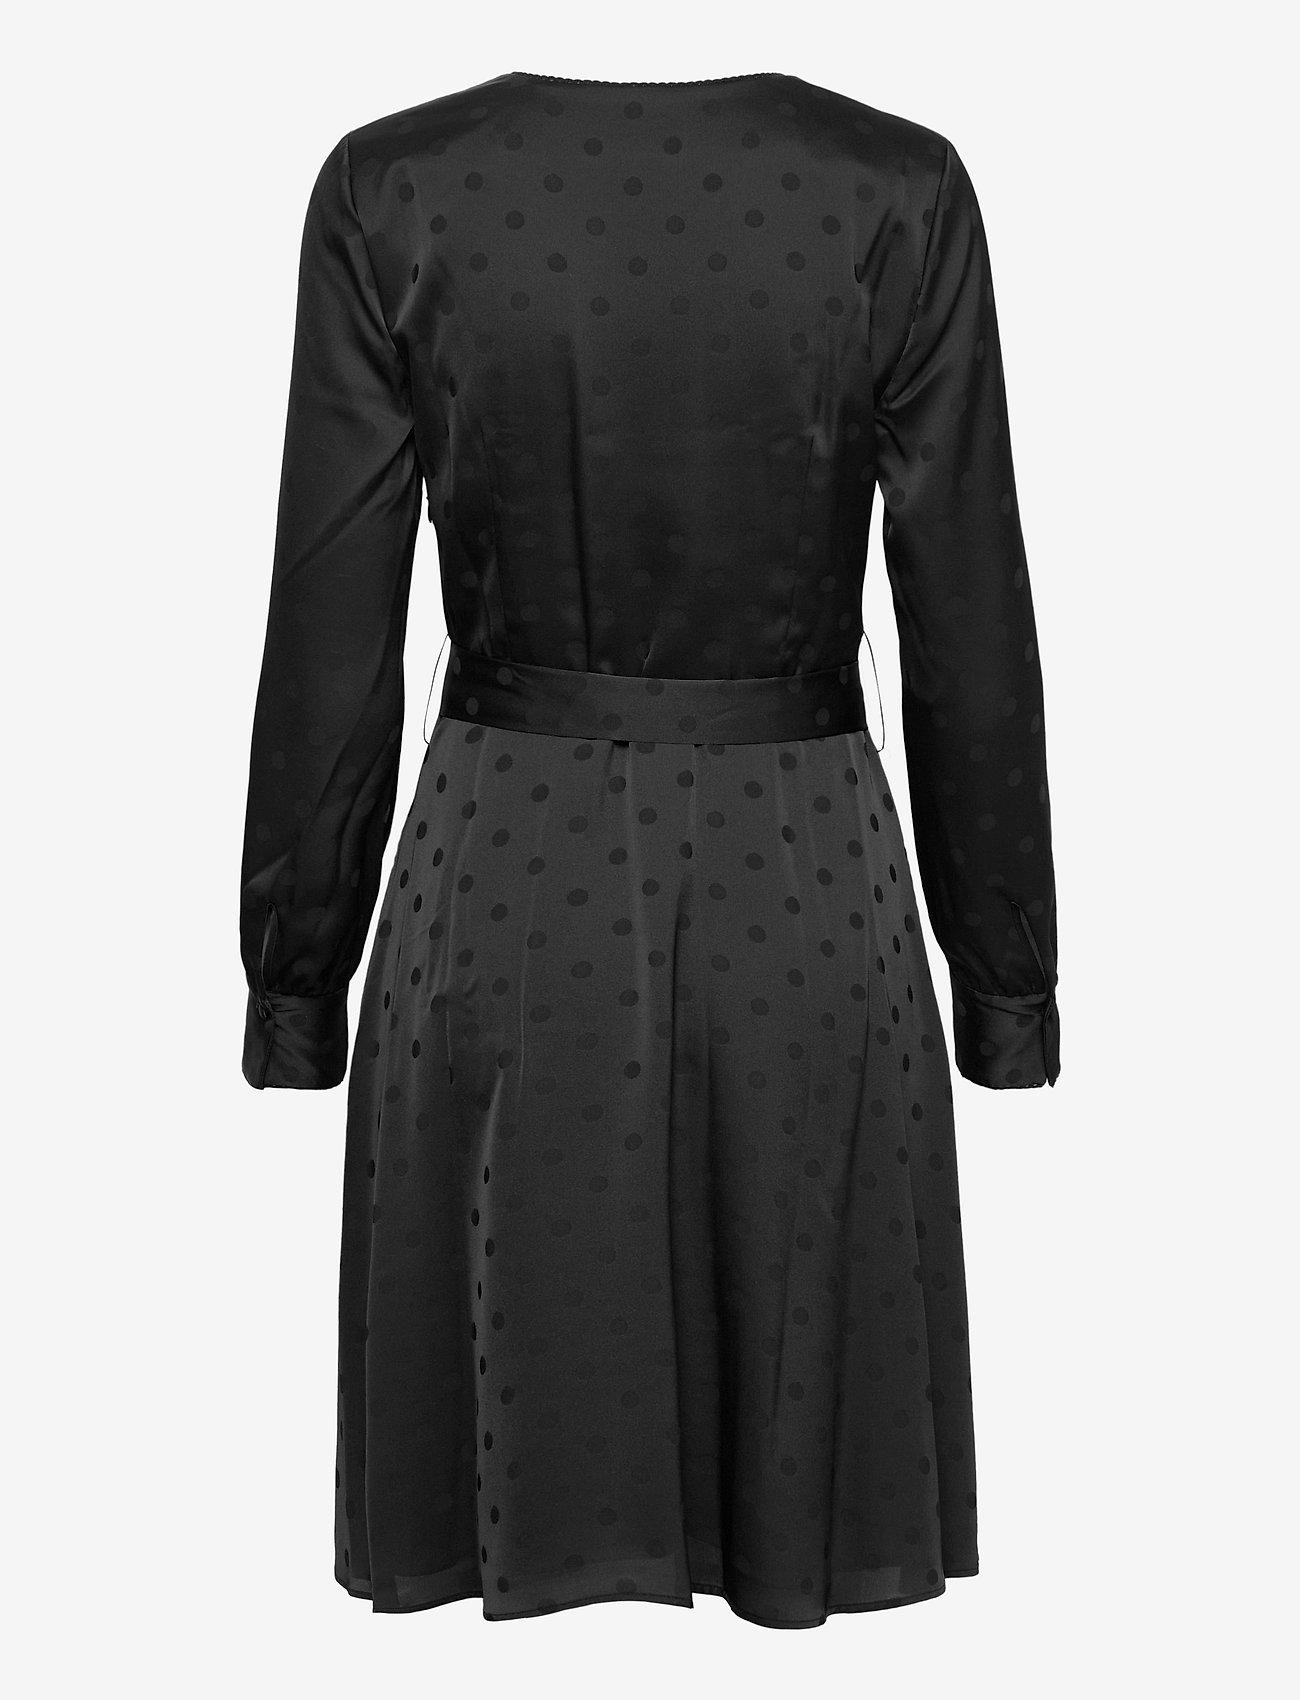 Tommy Hilfiger - POLKA DOT FIT&FLARE WRAP DRESS - wrap dresses - black - 1